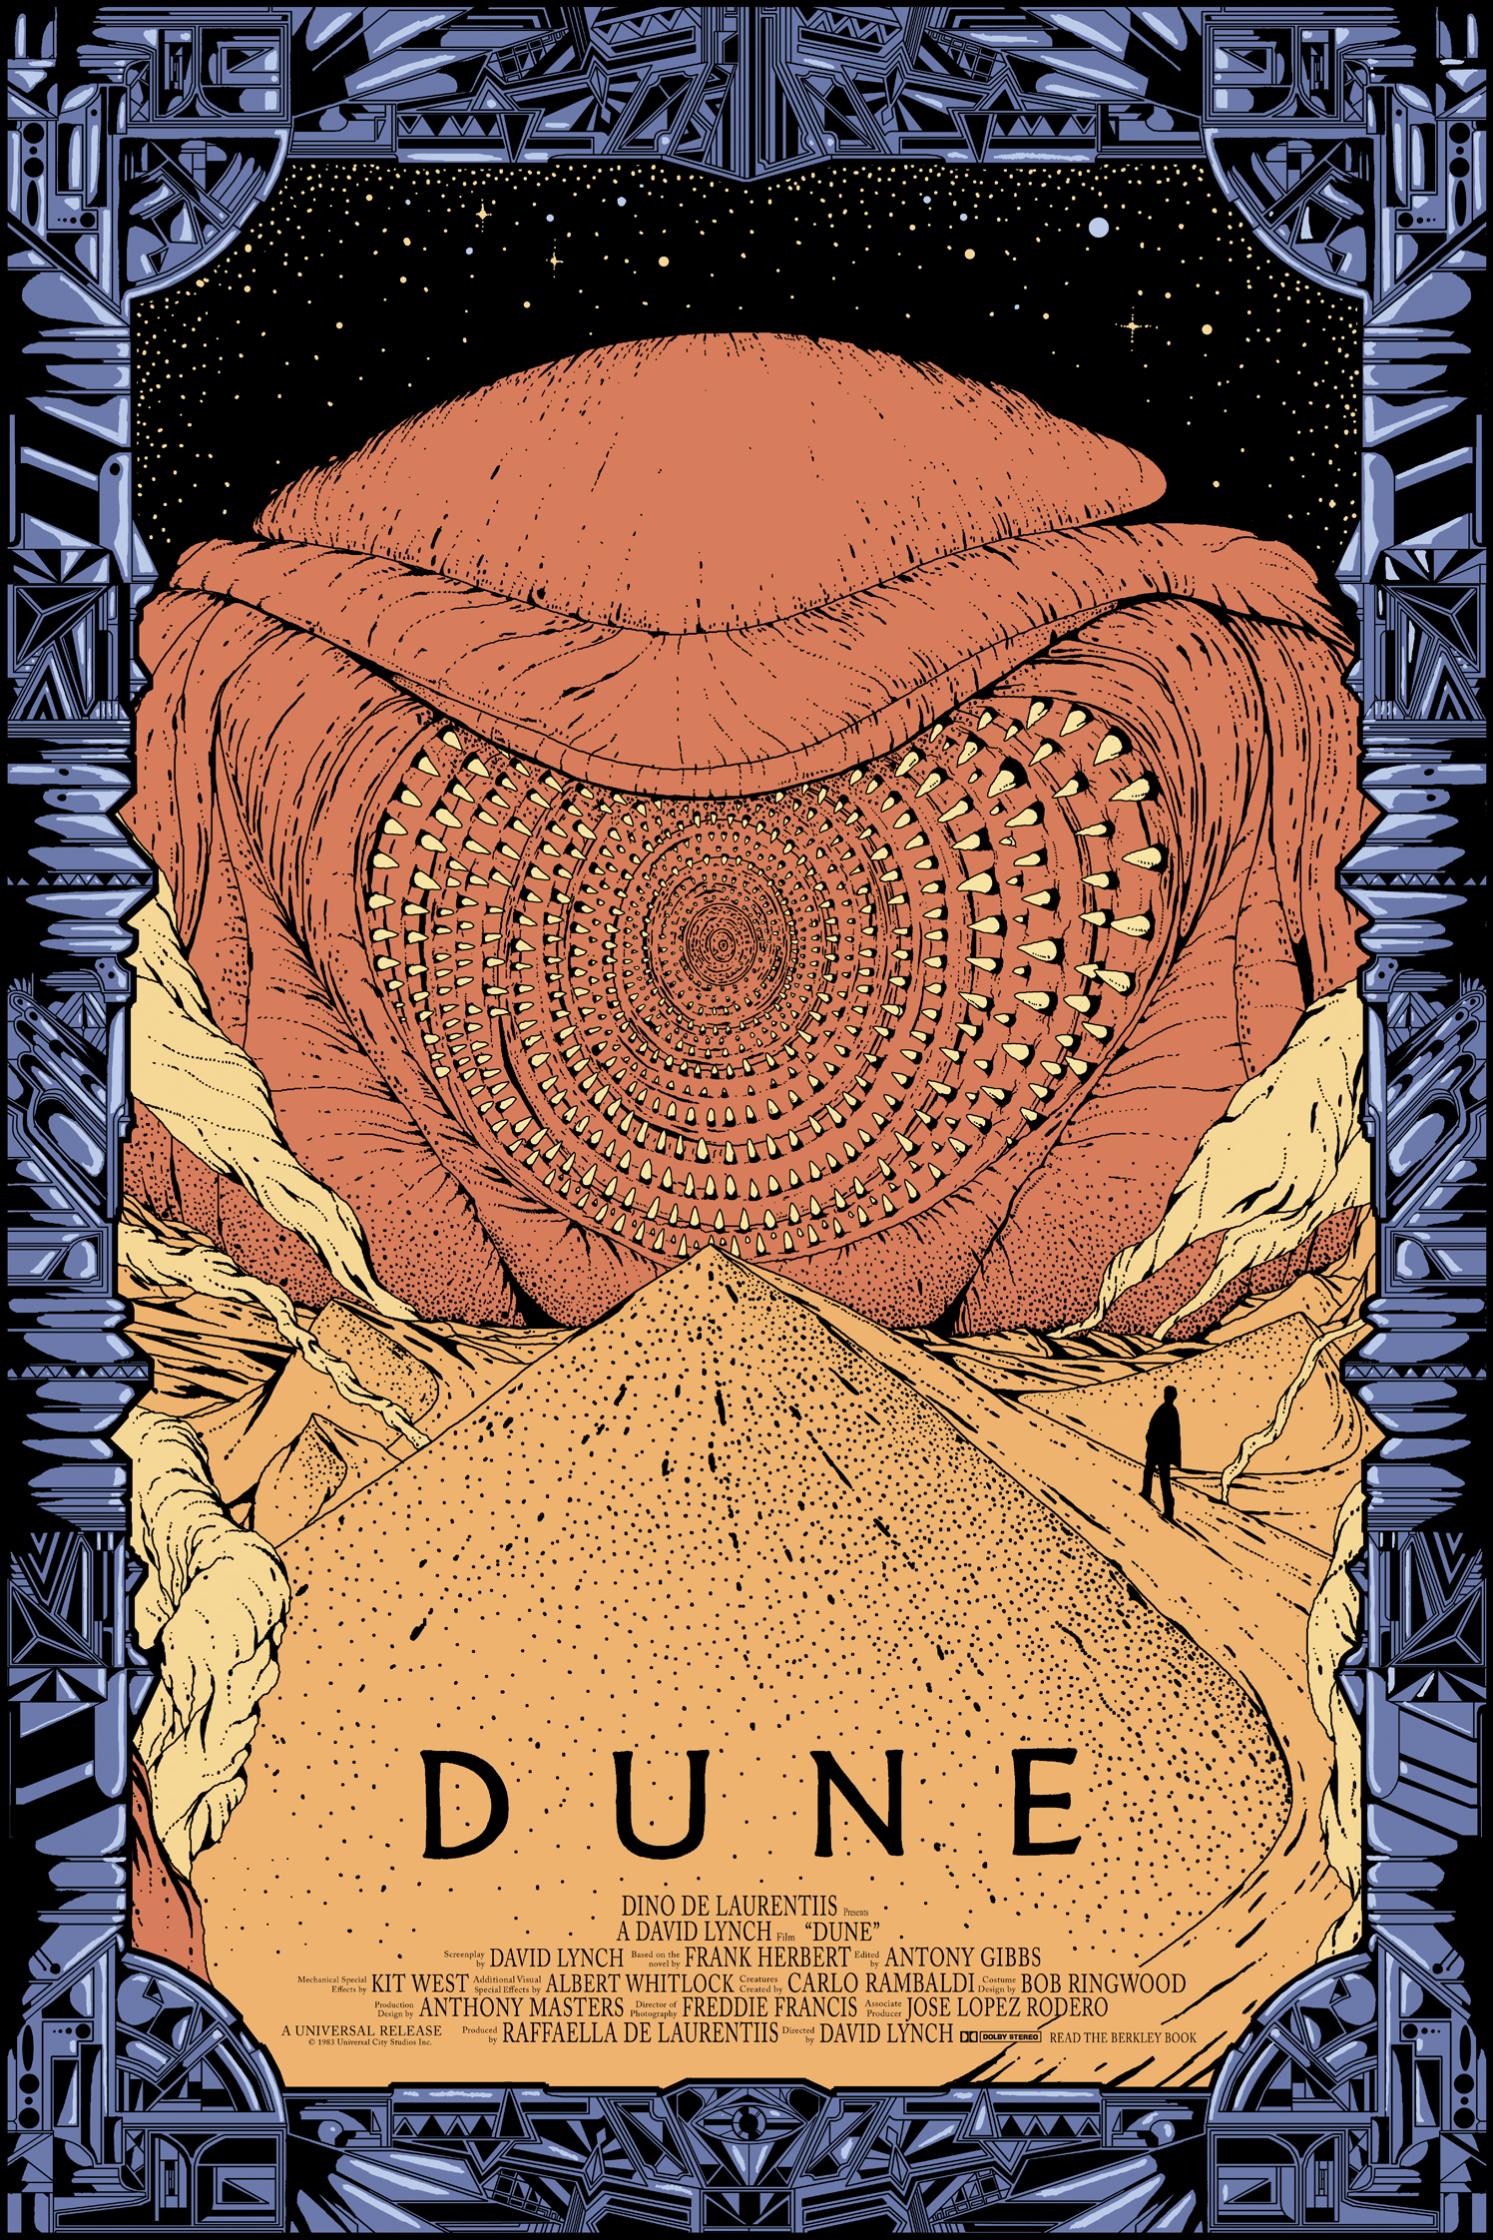 Mondo Dune Poster